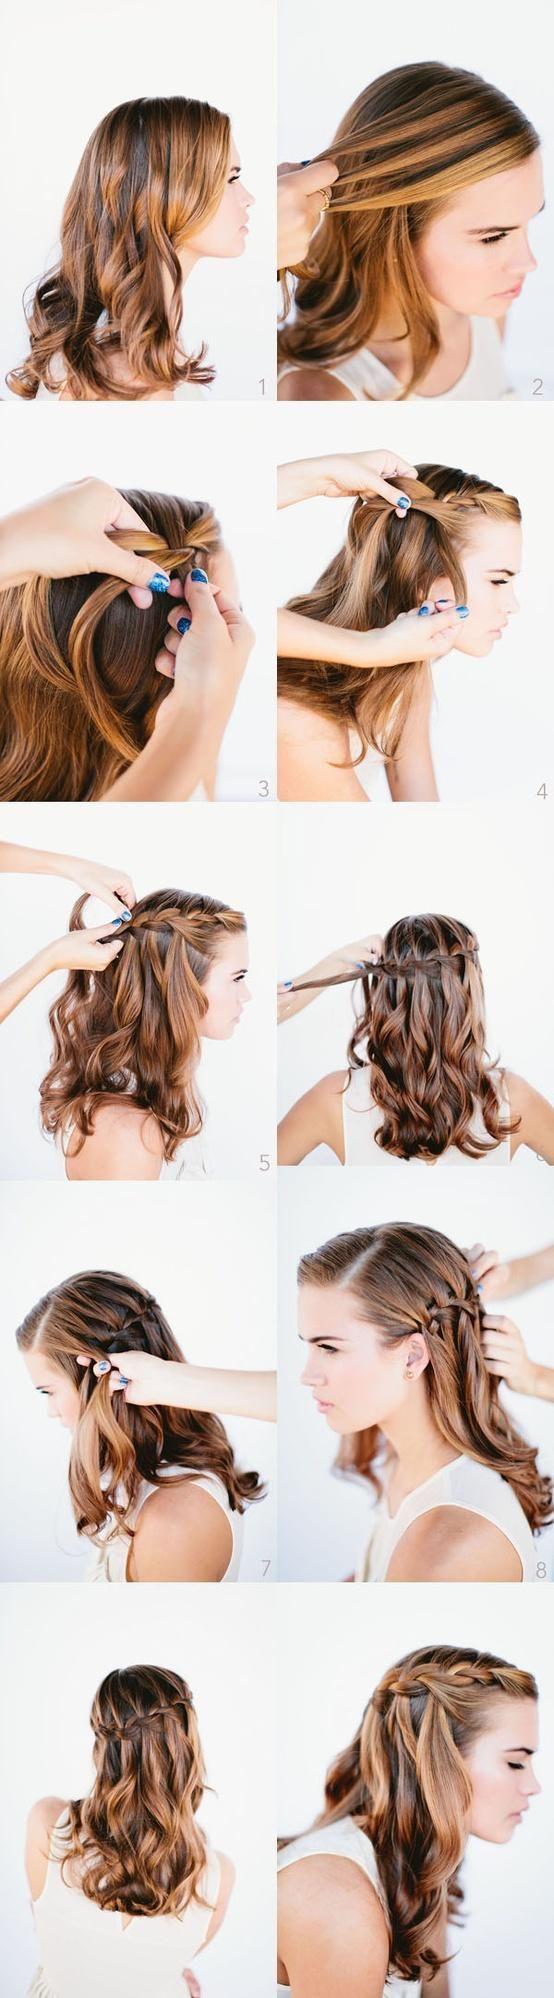 Peinados paso a paso: Tendencias trenzas: